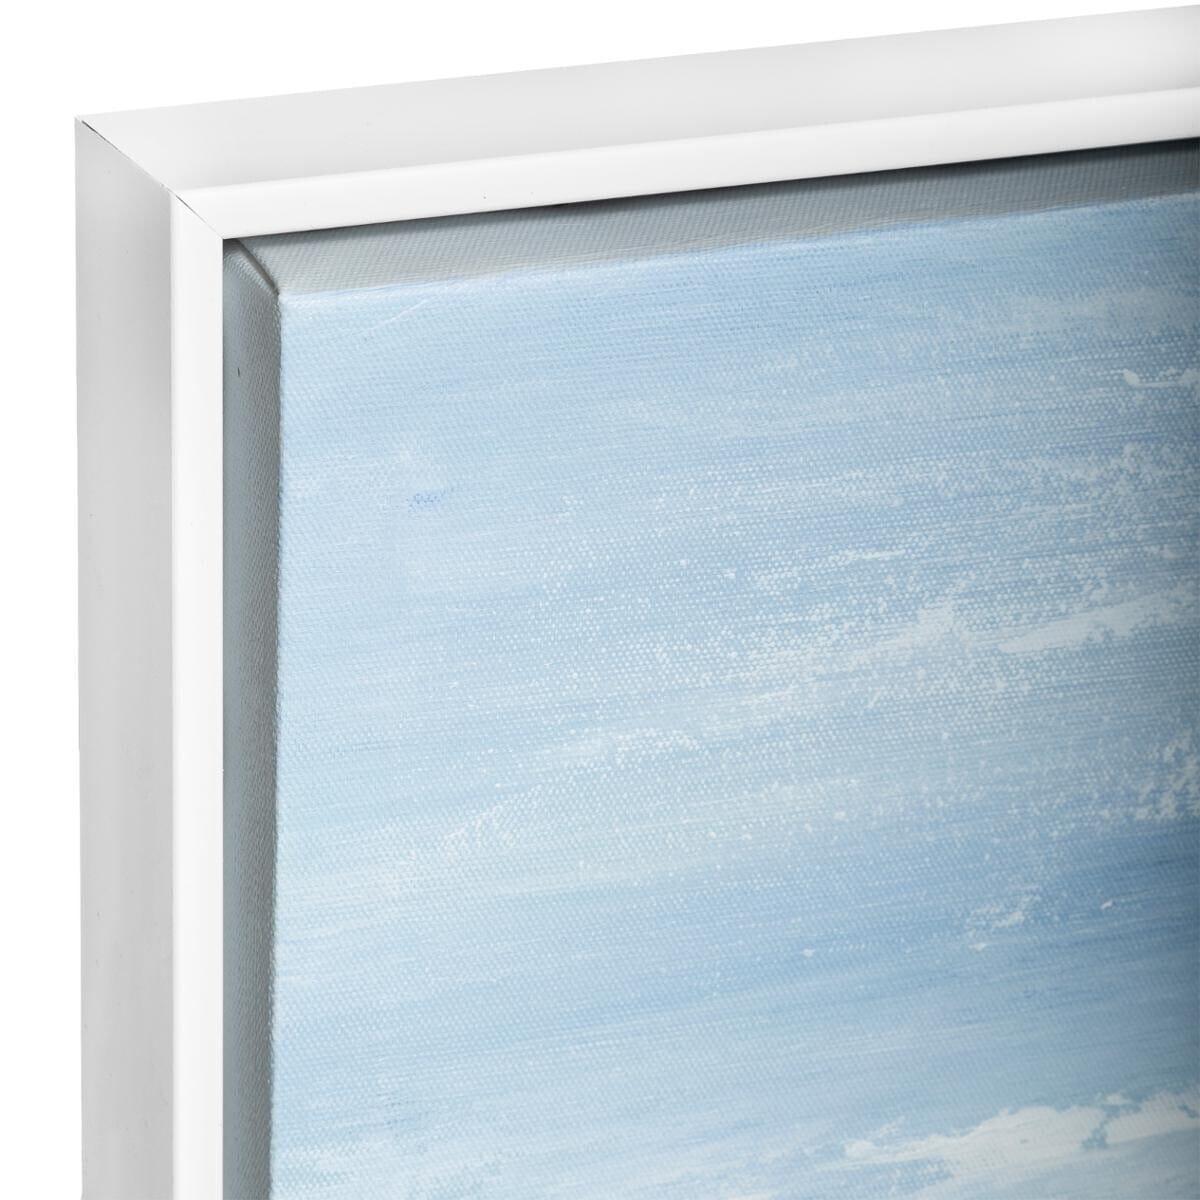 Toile peinte 'Abstrait' encadrée 78x78 cm bleu